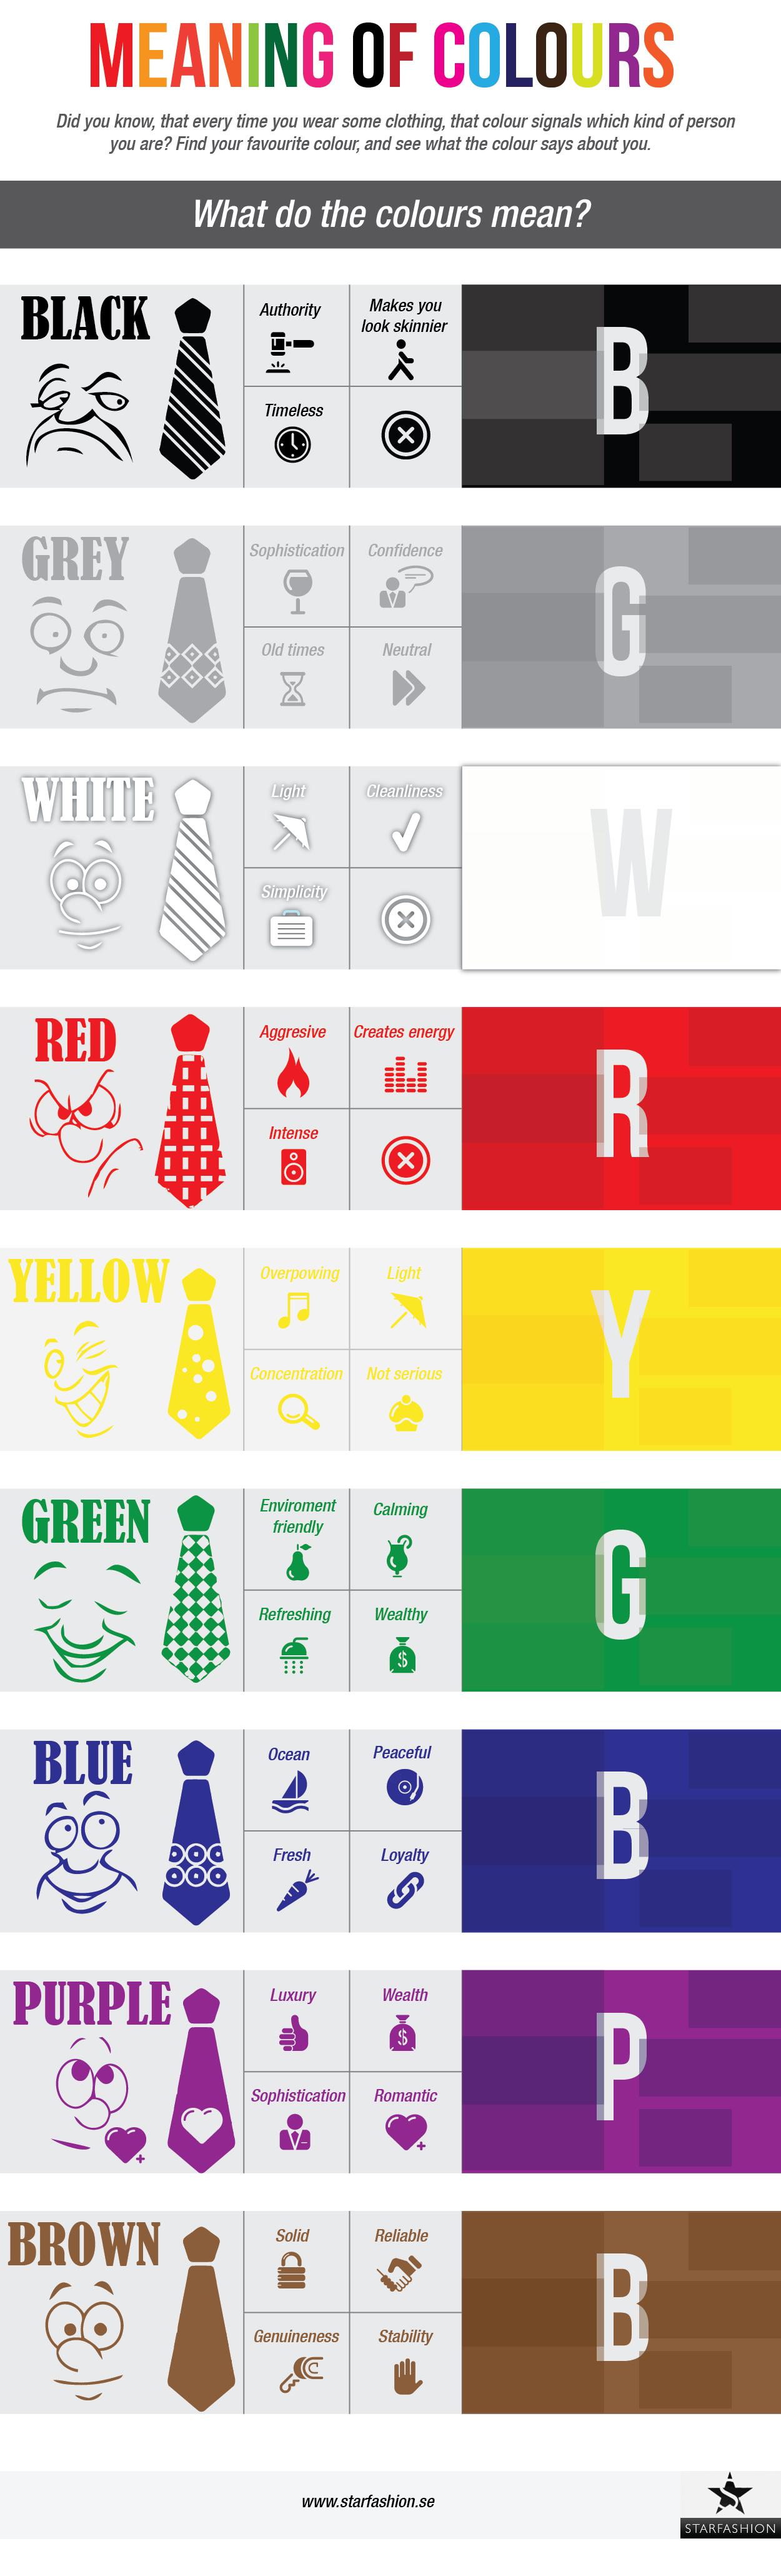 significado cores roupa